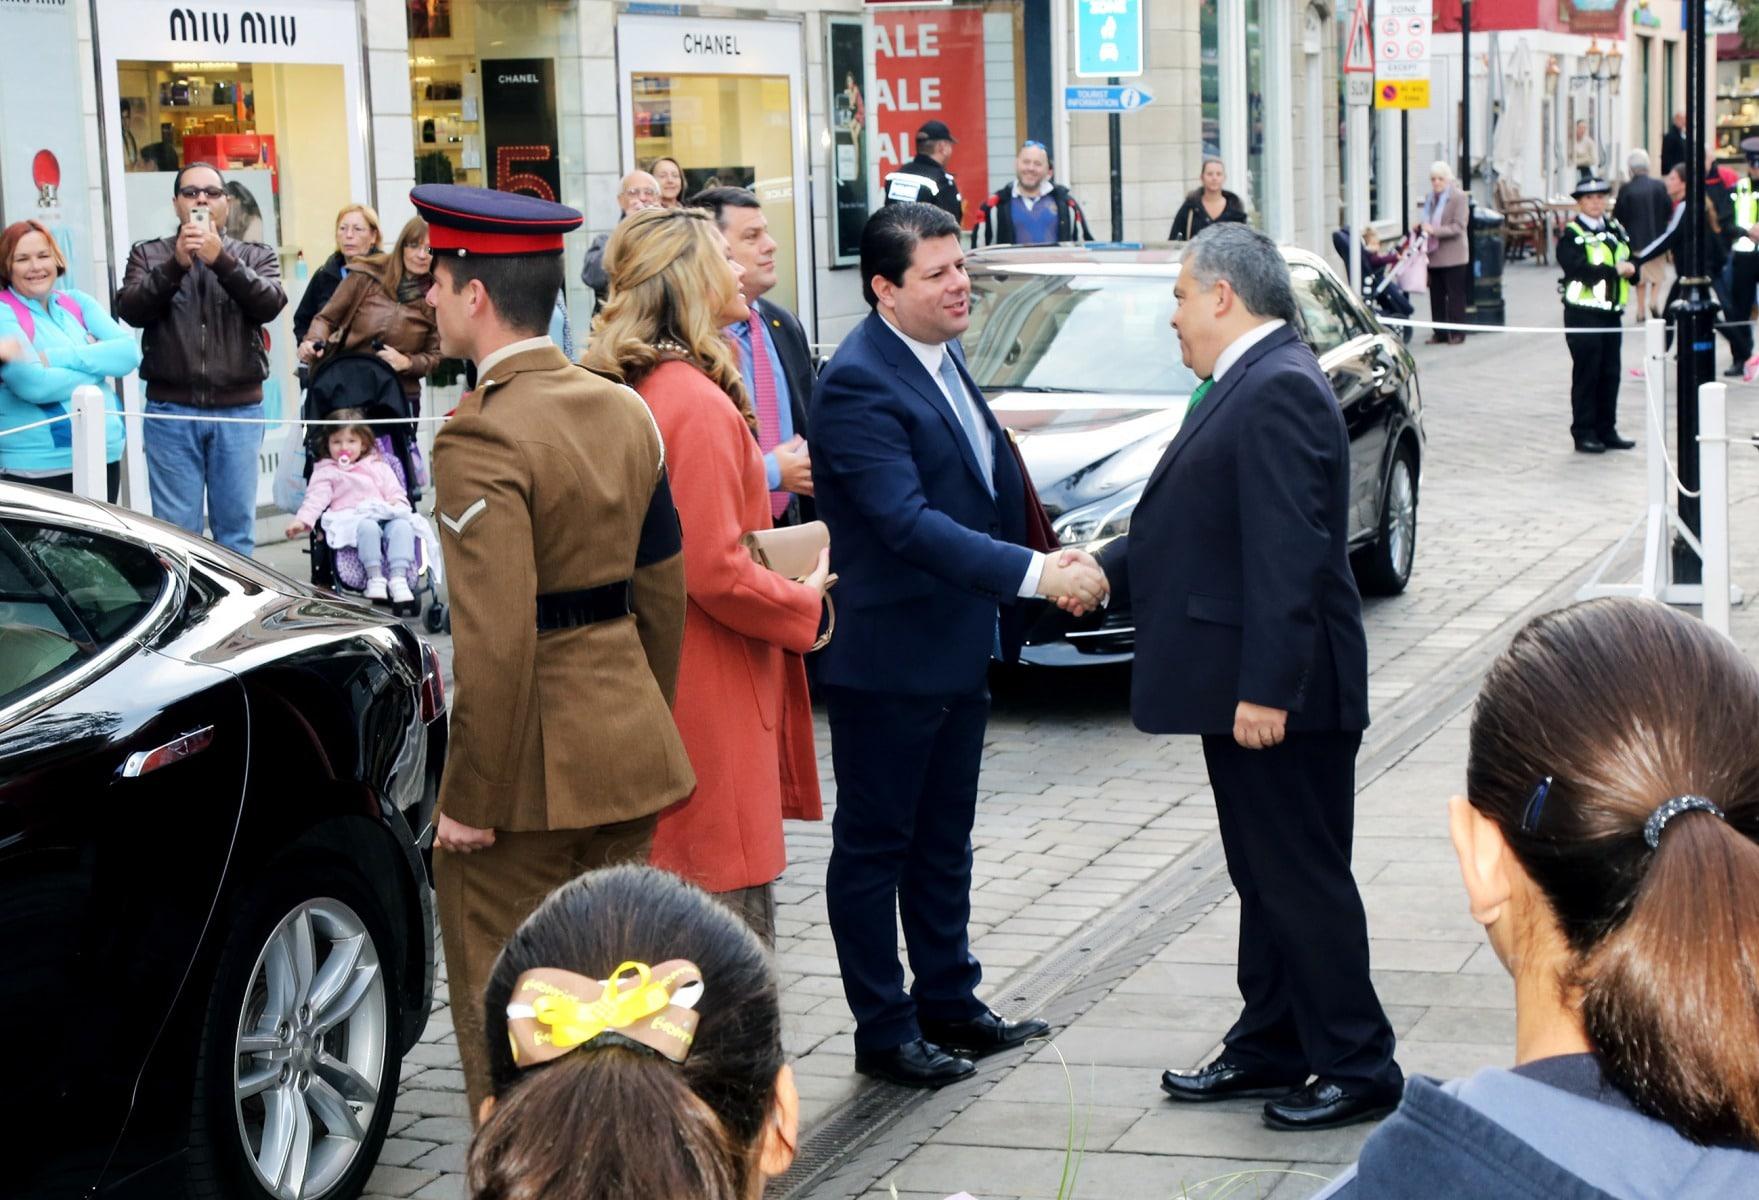 gobernador-de-gibraltar-edward-davis_24201465190_o